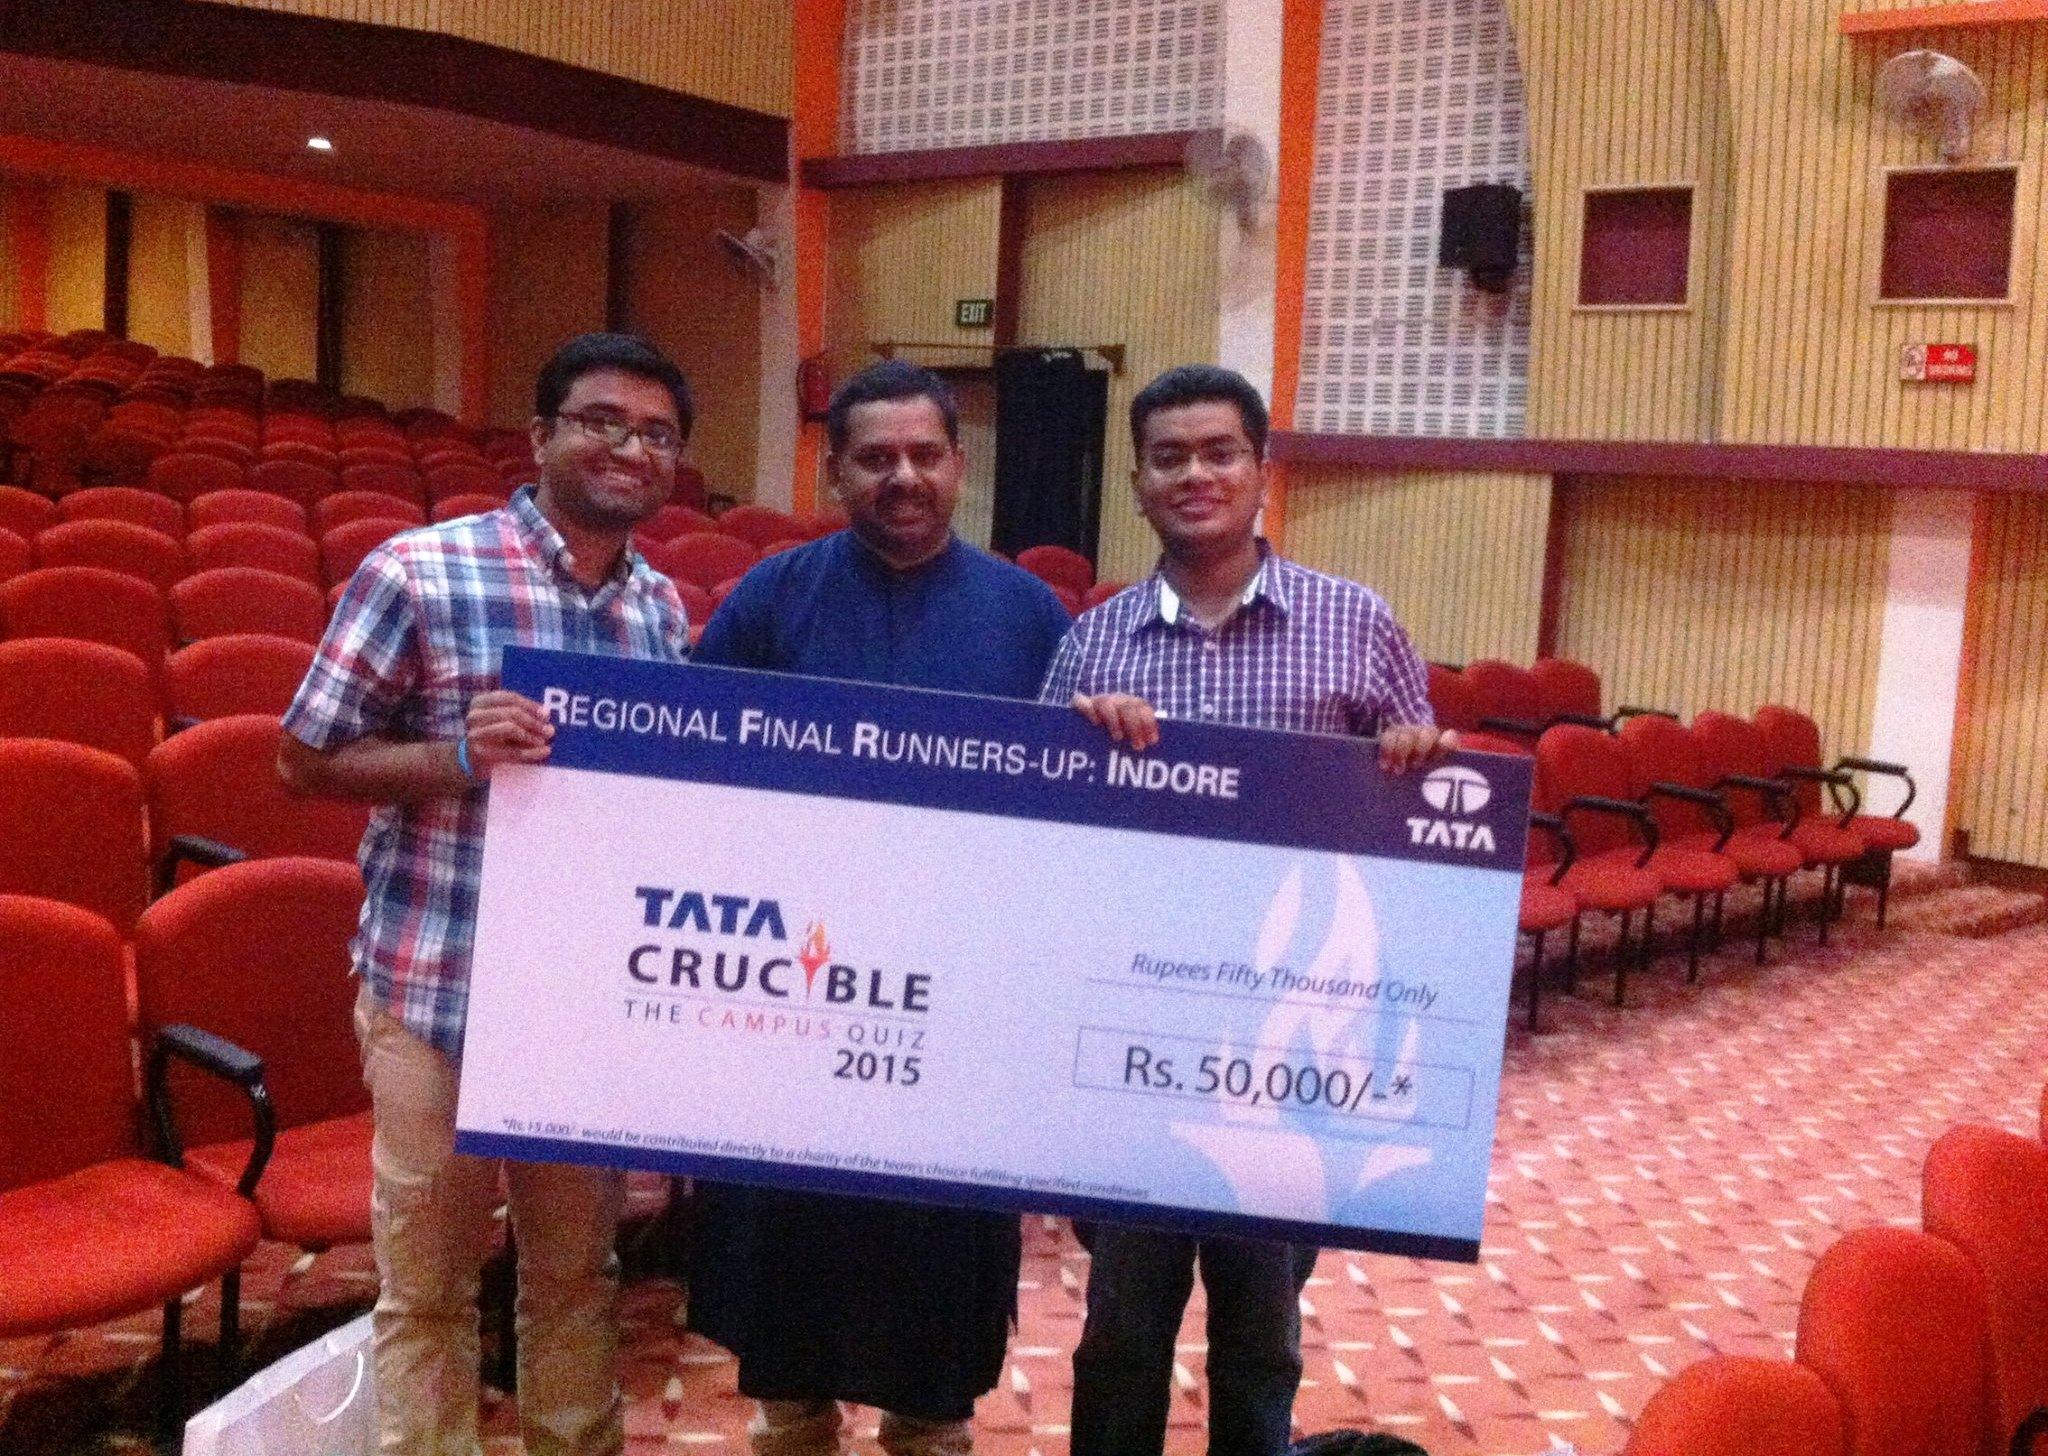 TataCrucibleCampus Quiz2015